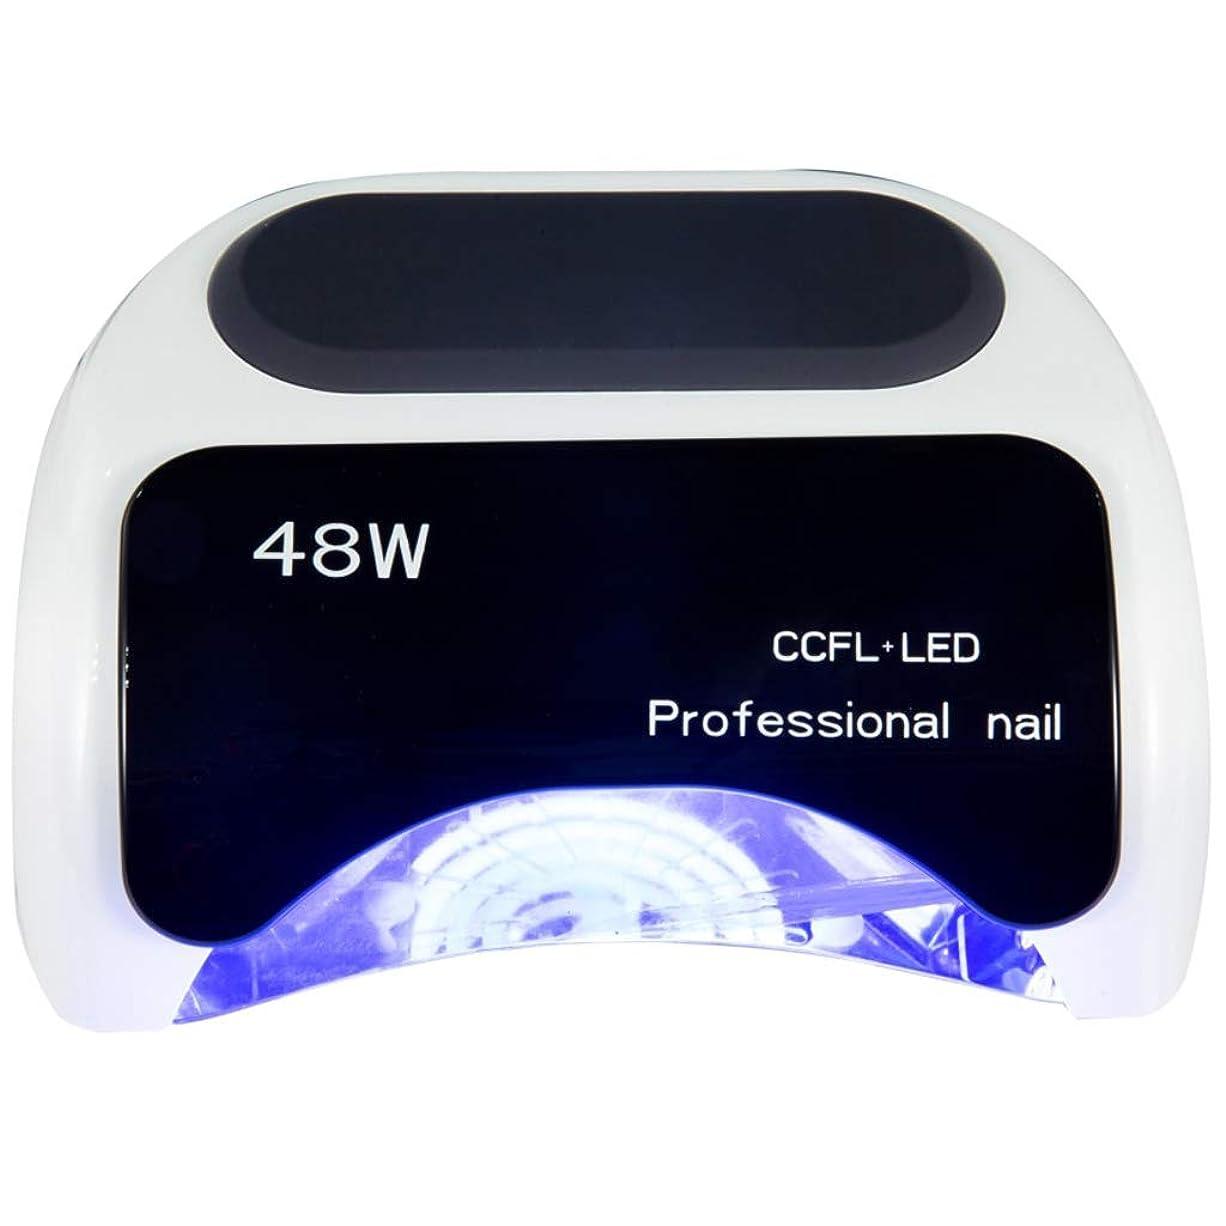 お客様リーズトランペットネイルドライヤー光線療法焼きランプ48W硬化LEDゲル、マニキュア光線療法用接着剤、延長接着剤、ゲル用 (色 : A)